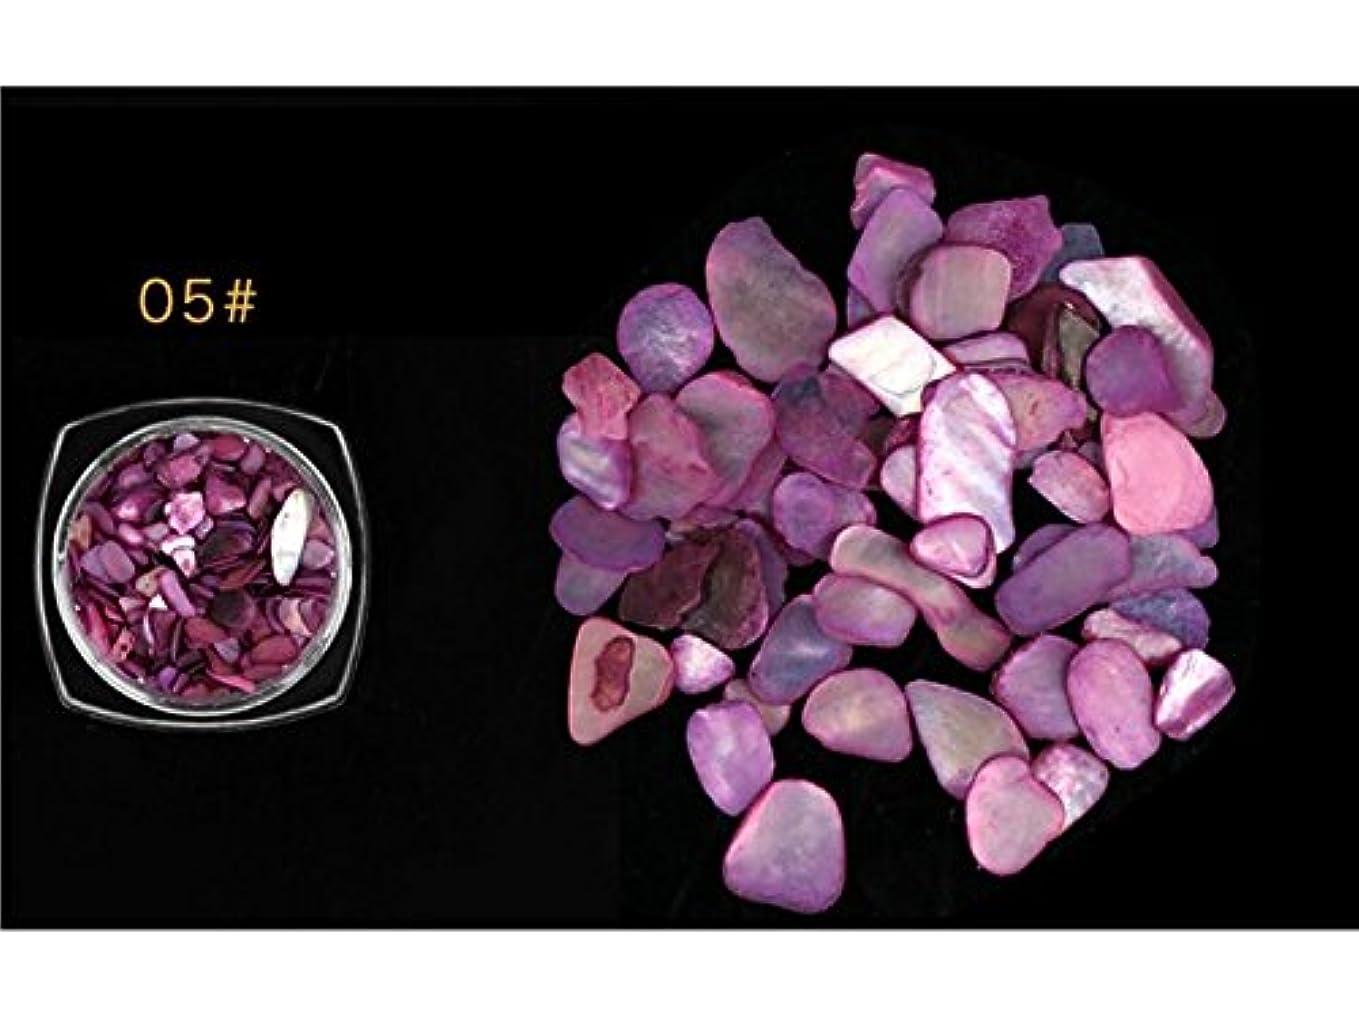 Osize シェルストーンネイルアートスパンコールネイル用UVゲルジェルポーランドネイルフレークデコレーションネイルグリッターネイルアクセサリー(ローズレッド)